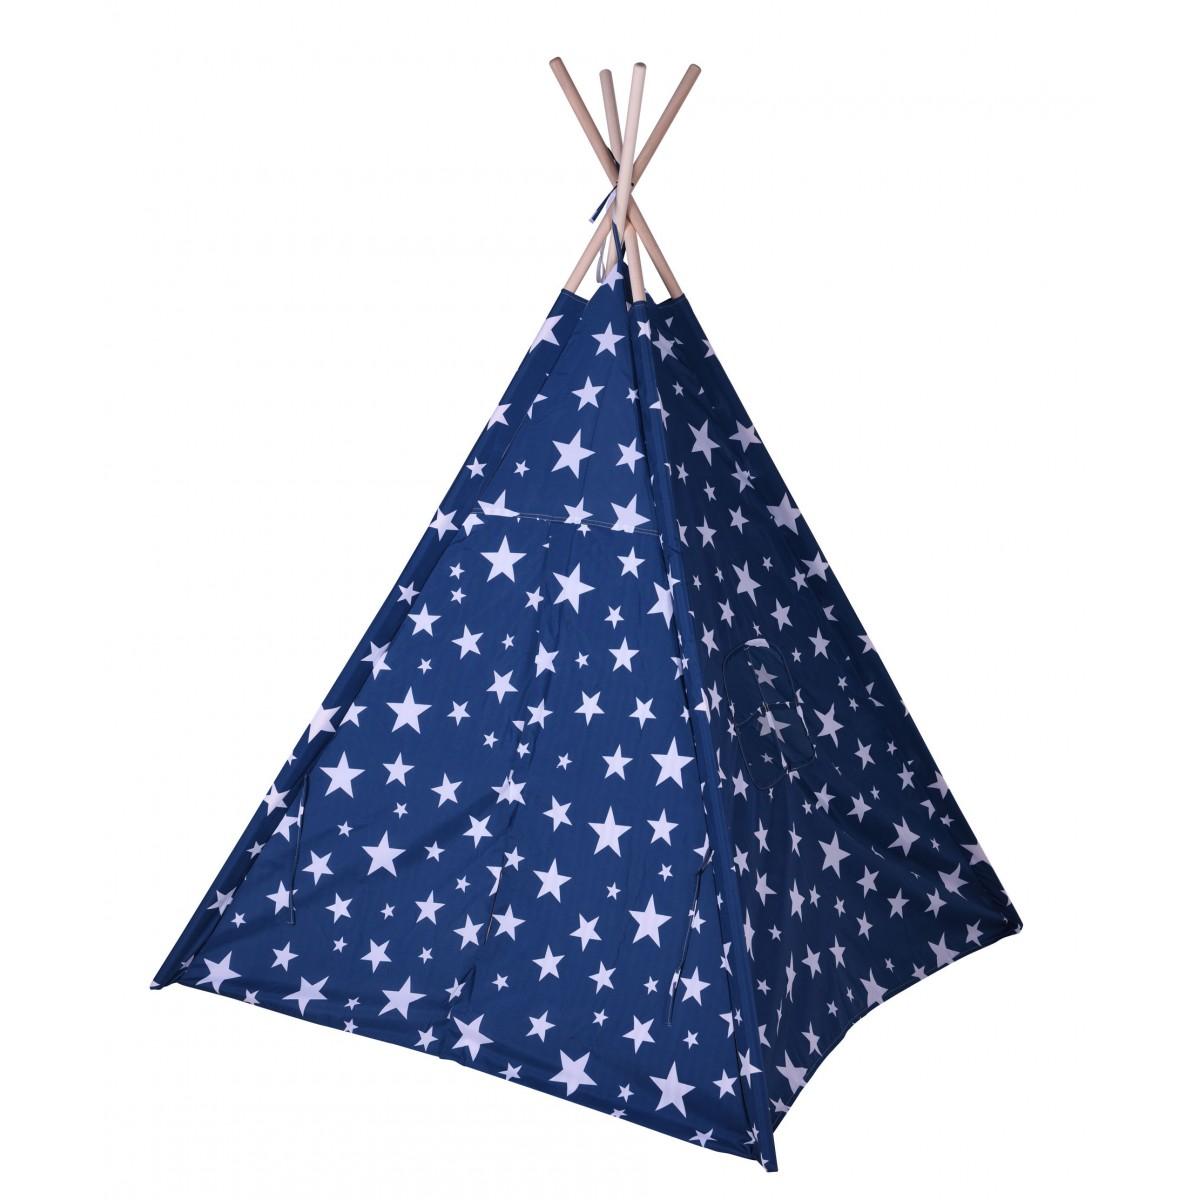 Tente de jeu pour enfant tipi bleu avec étoiles blanches